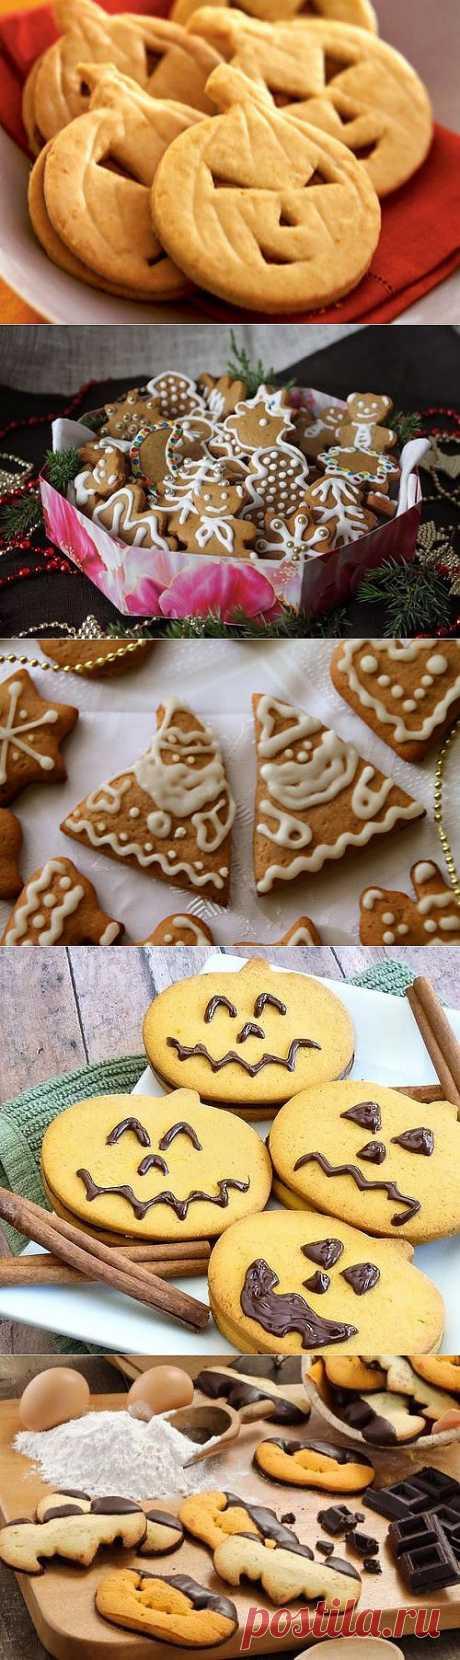 Имбирное печенье: 4 идеи на Хэллоуин или новогодние праздники / Простые рецепты